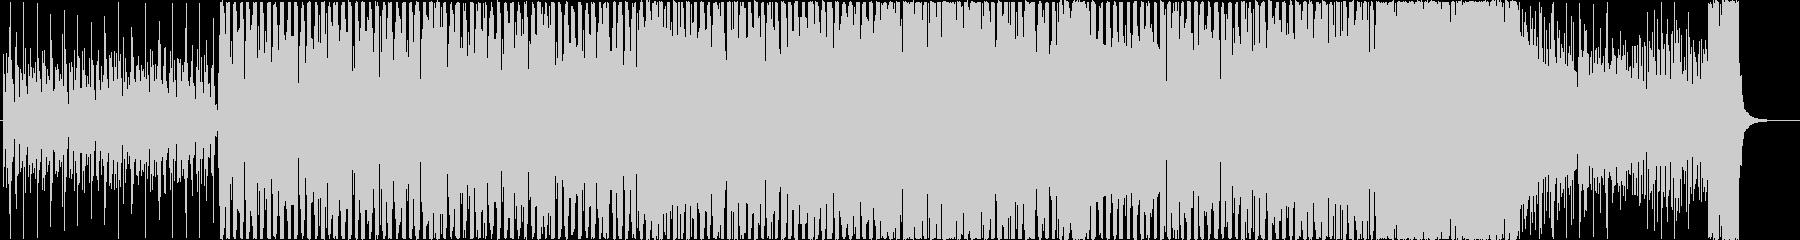 パッヘルベル カノンのダンスアレンジの未再生の波形